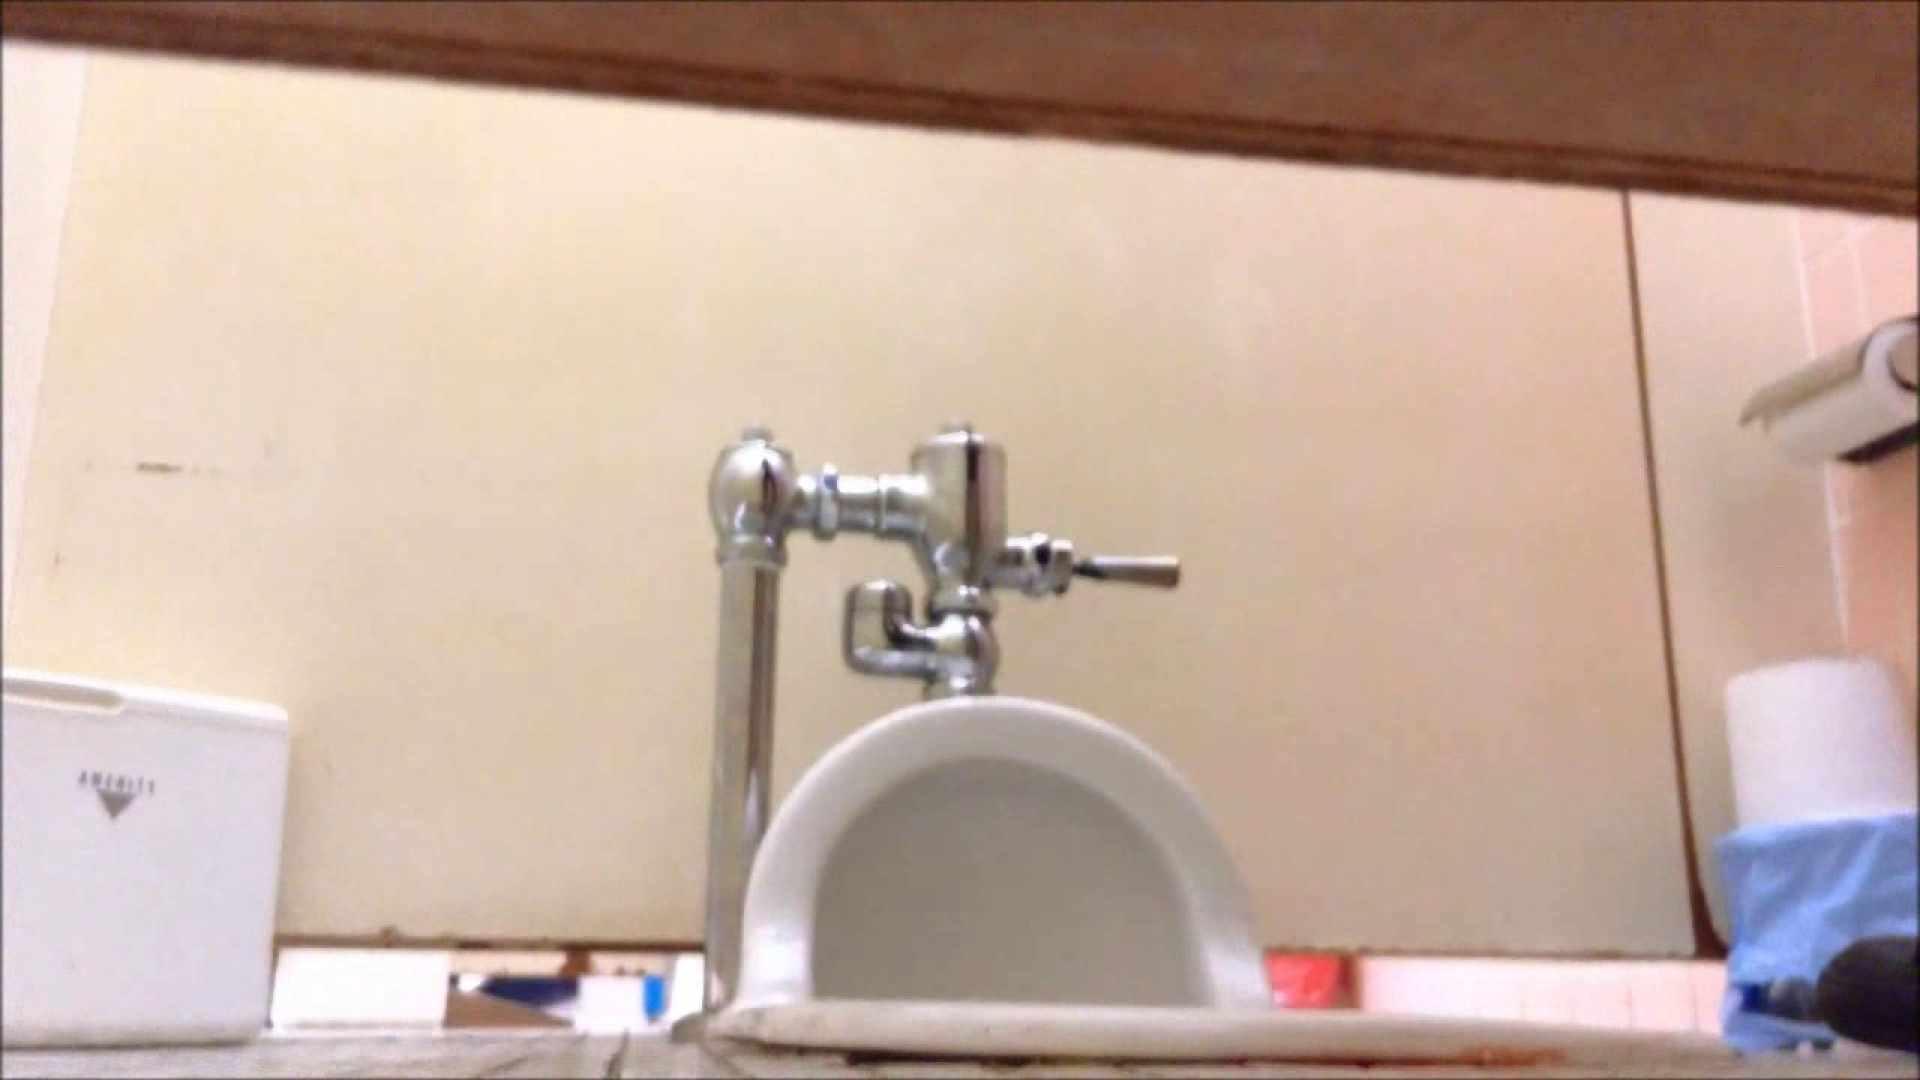 某有名大学女性洗面所 vol.09 排泄 おめこ無修正動画無料 111画像 44